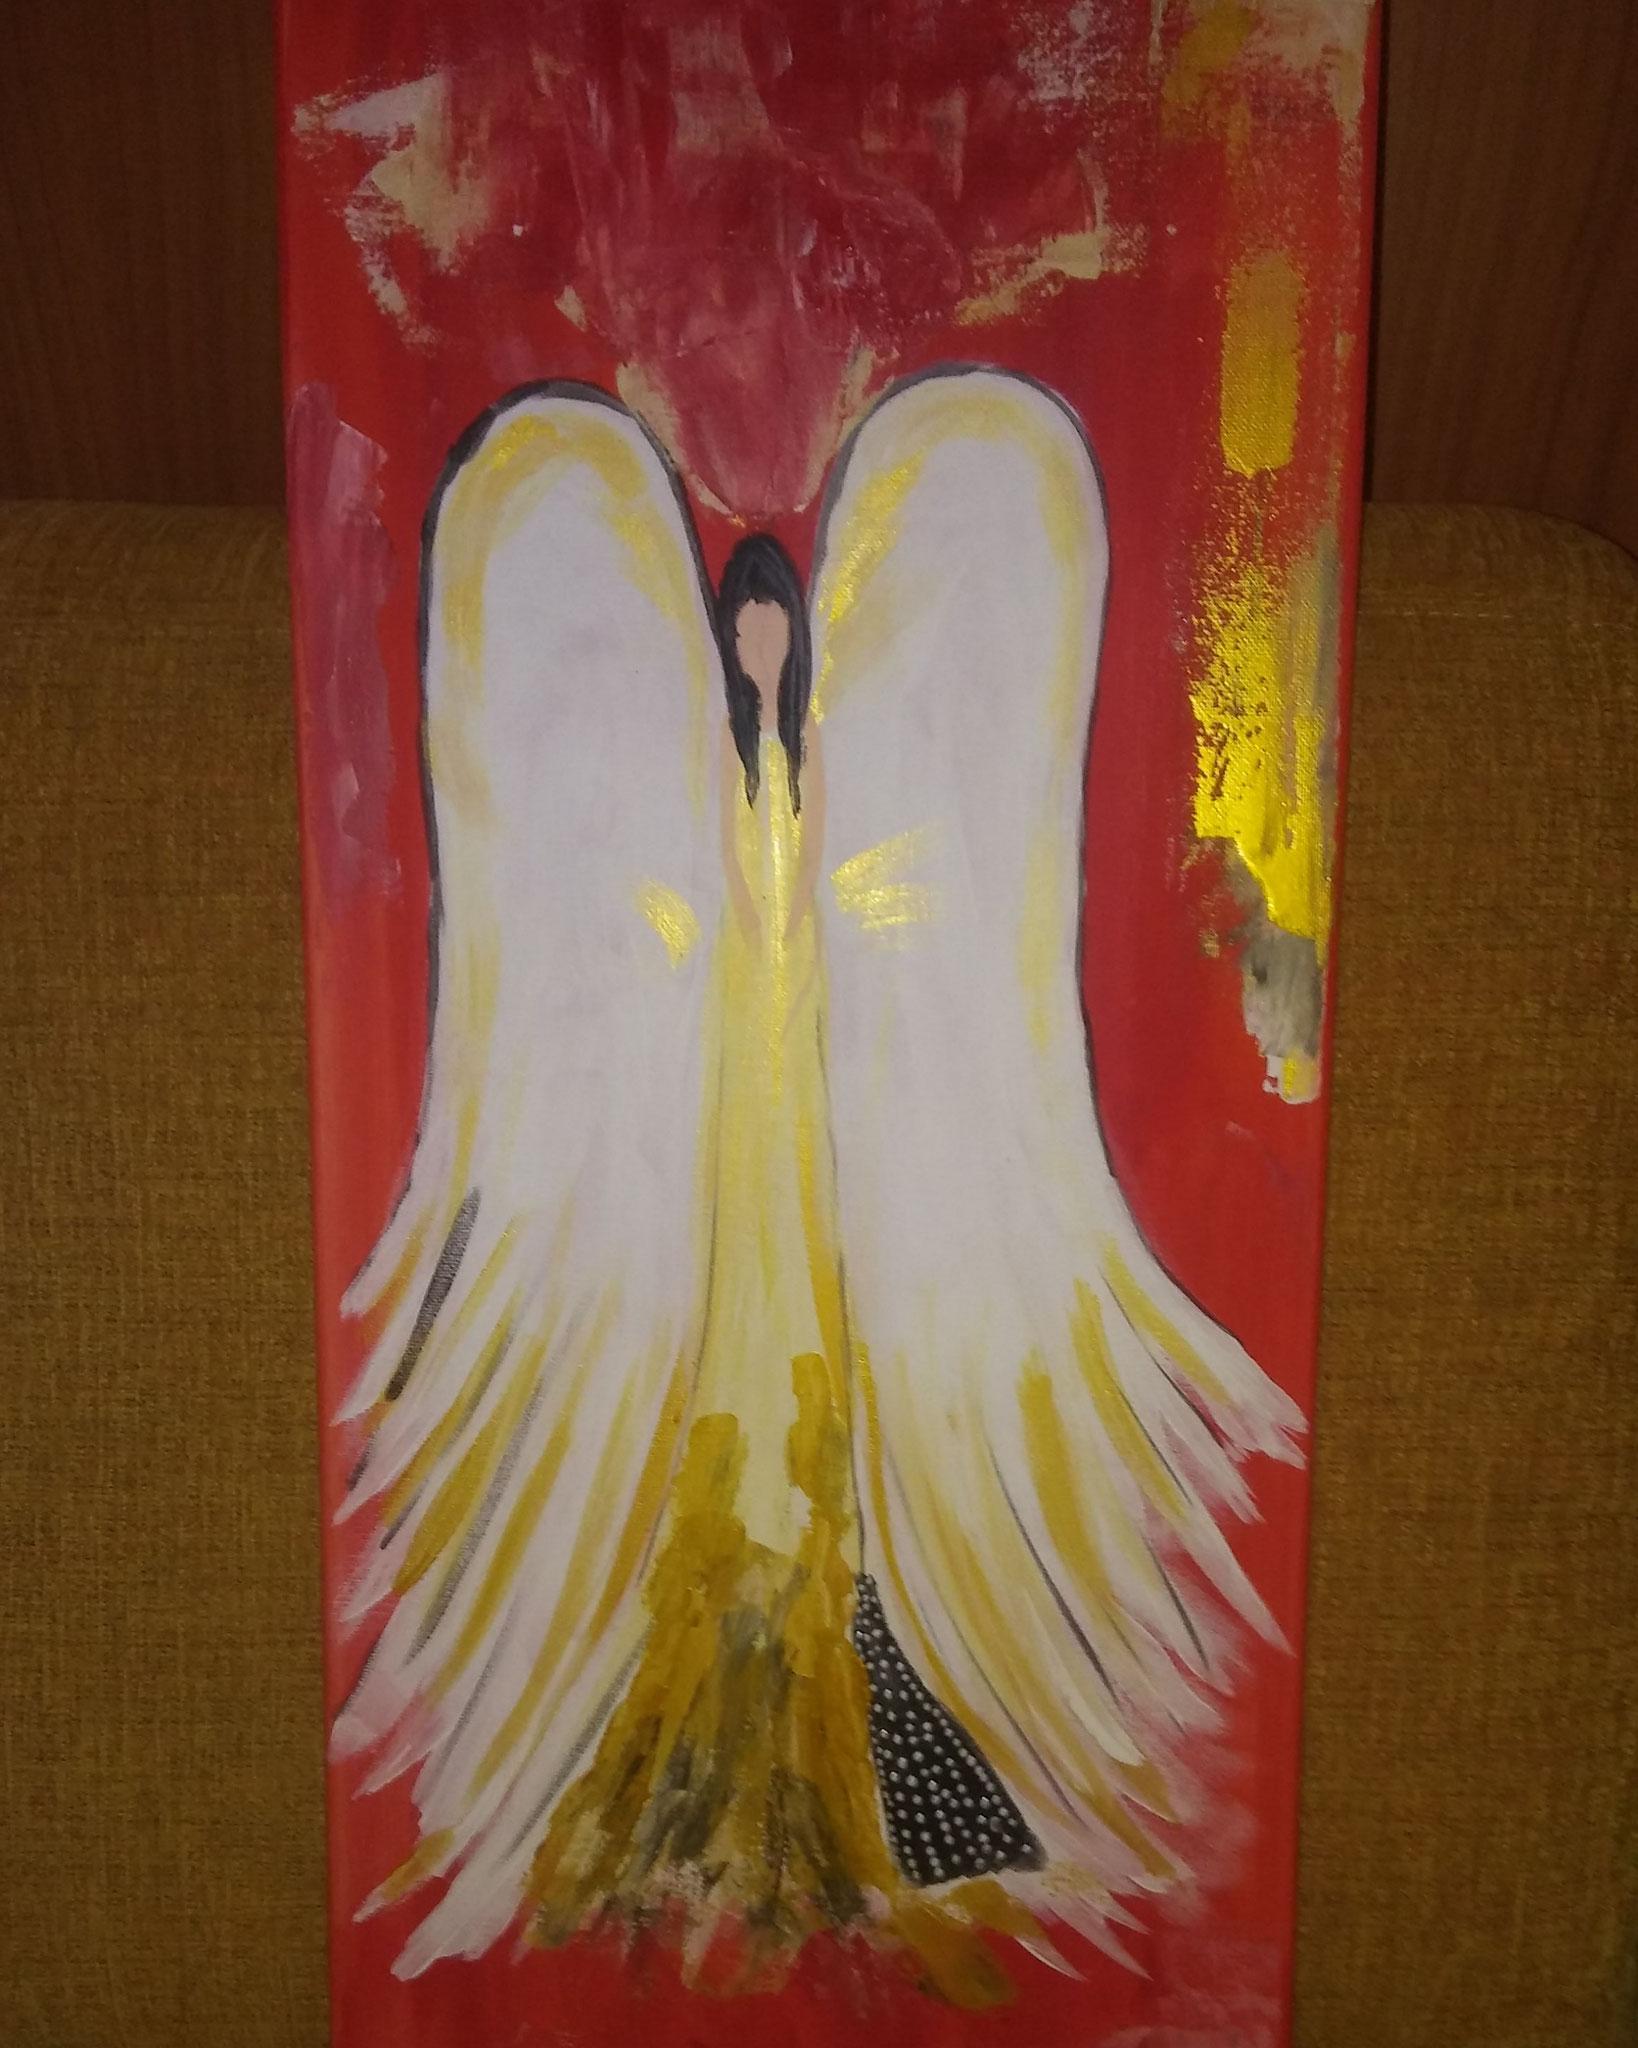 Ausdruck der Persönlichkeit durch die Kraft der Farben und des Malens......